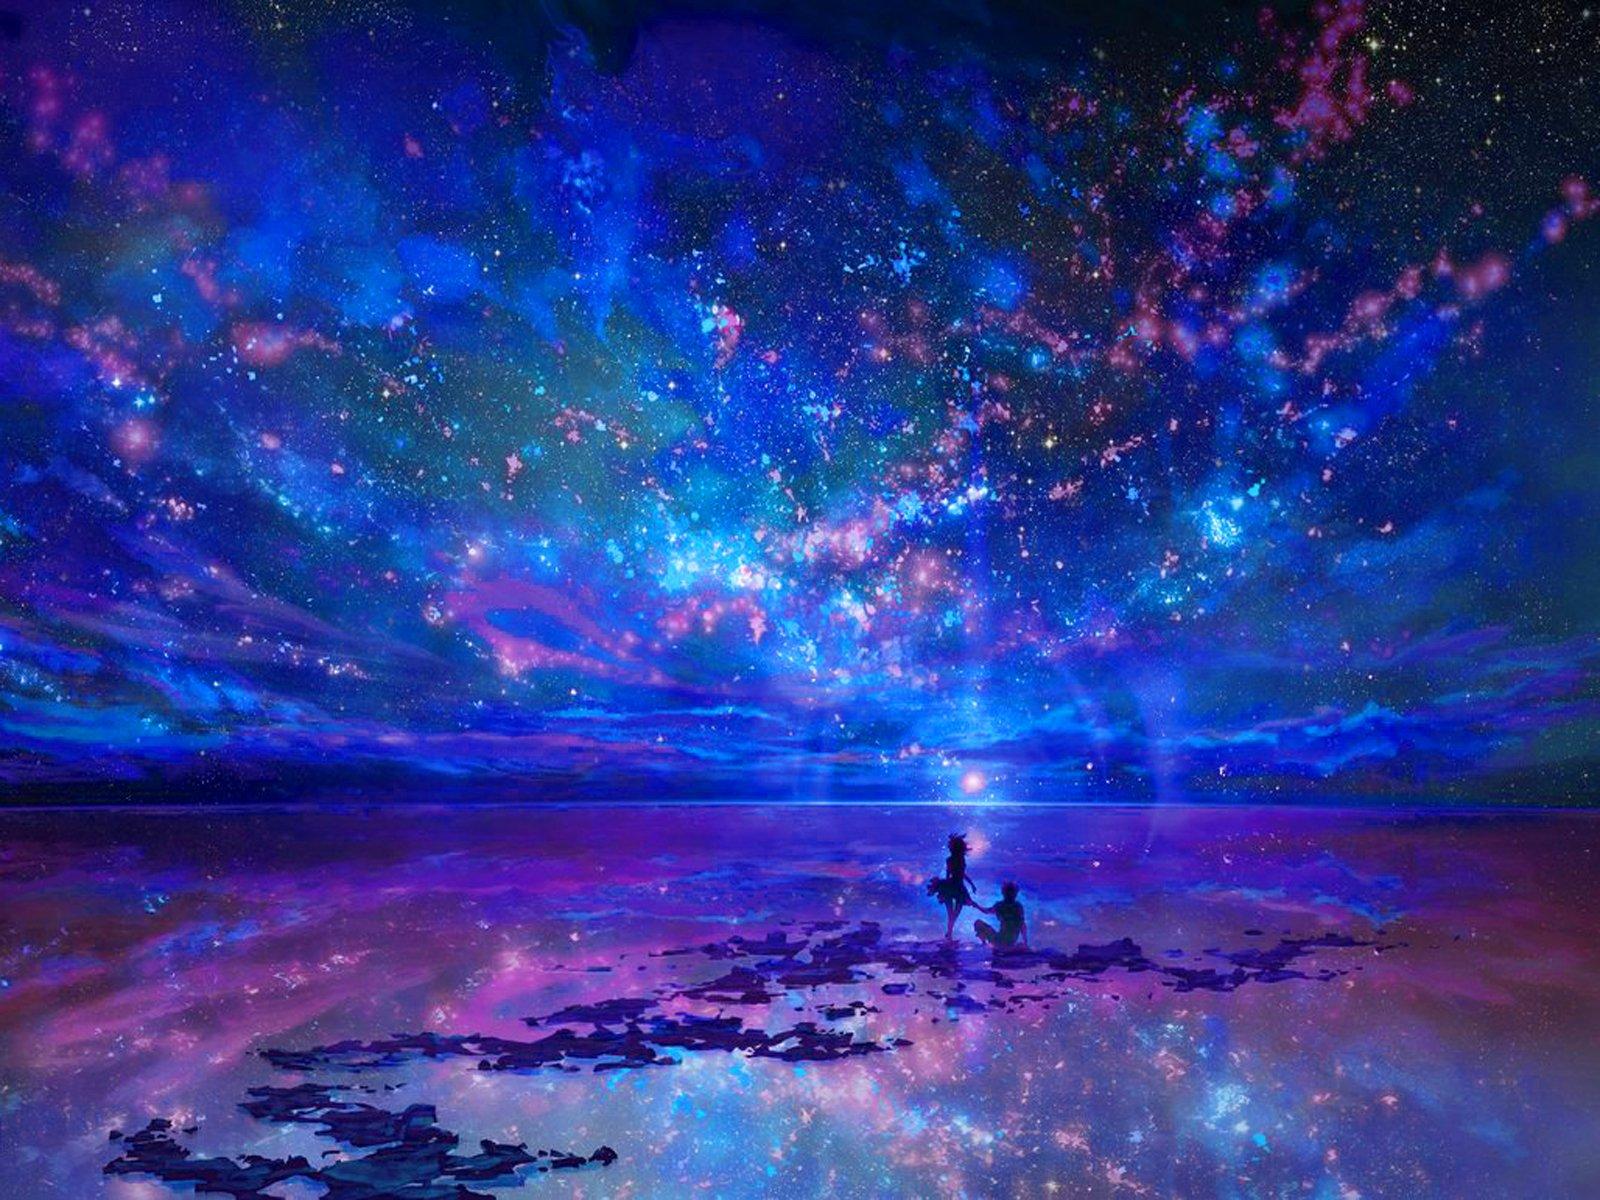 68 Fondos de pantalla de paisajes de fantasía bonitos